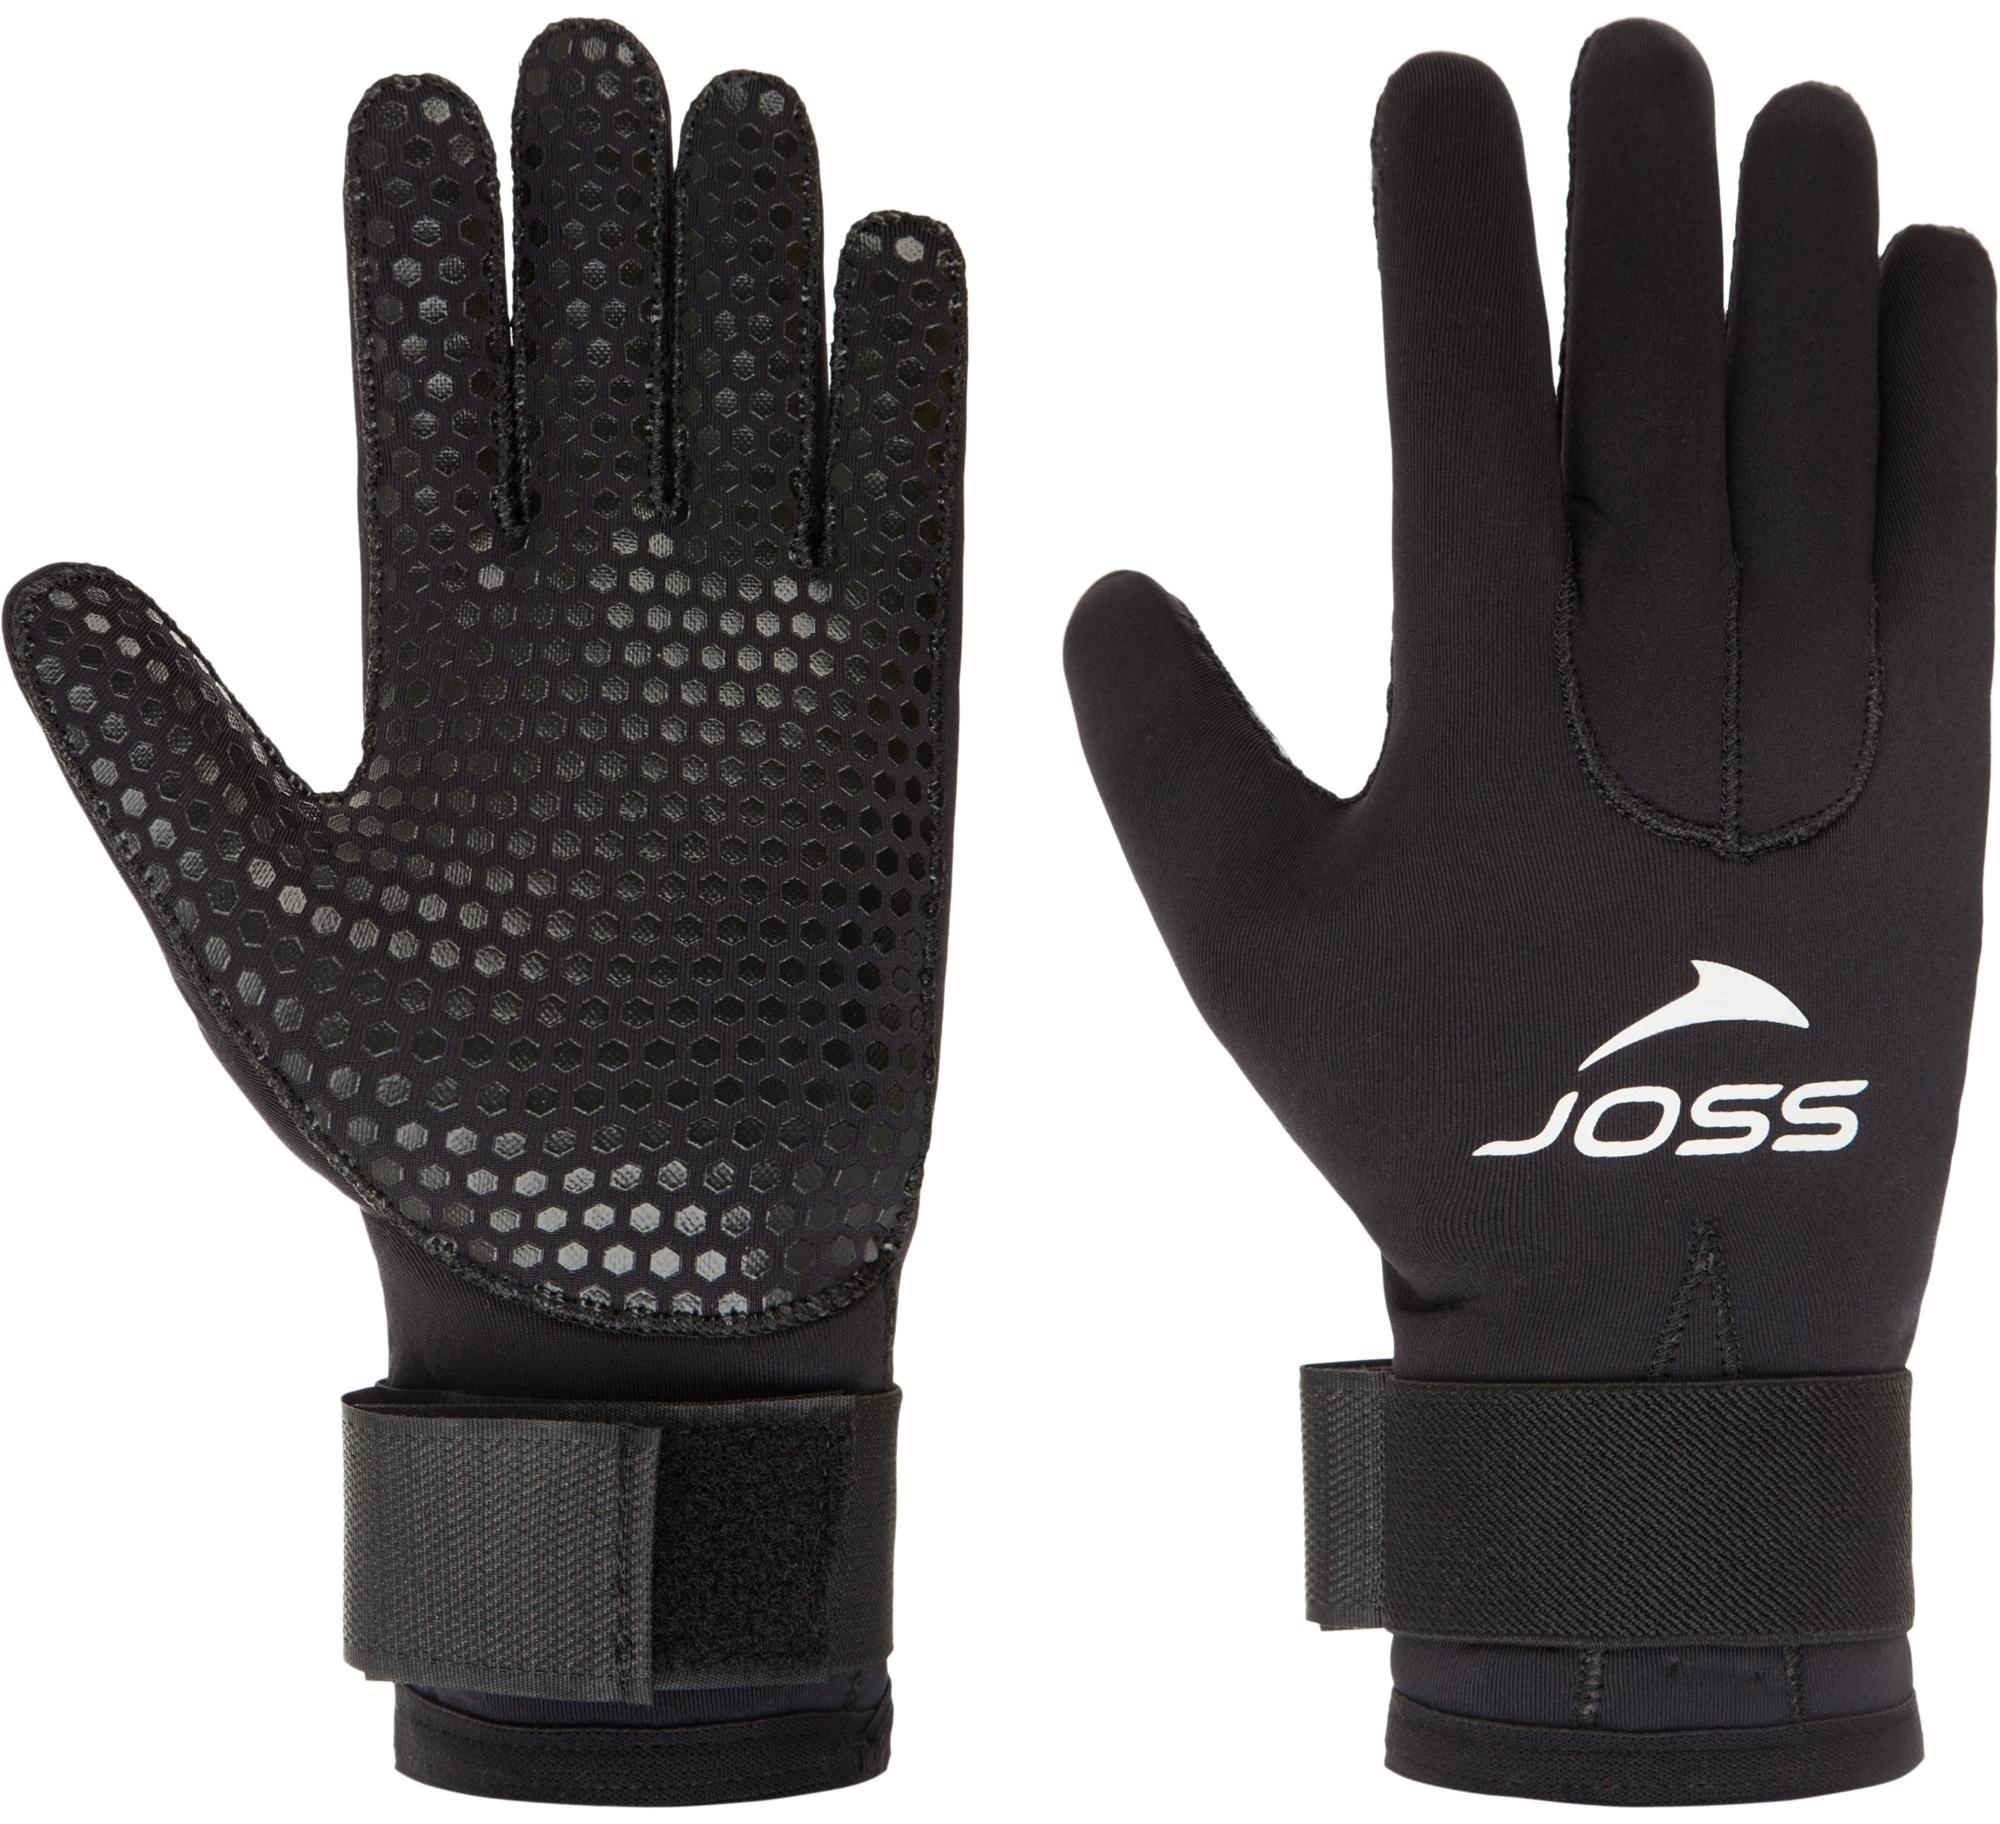 Joss Перчатки неопреновые Joss, 3 мм, размер 8,5